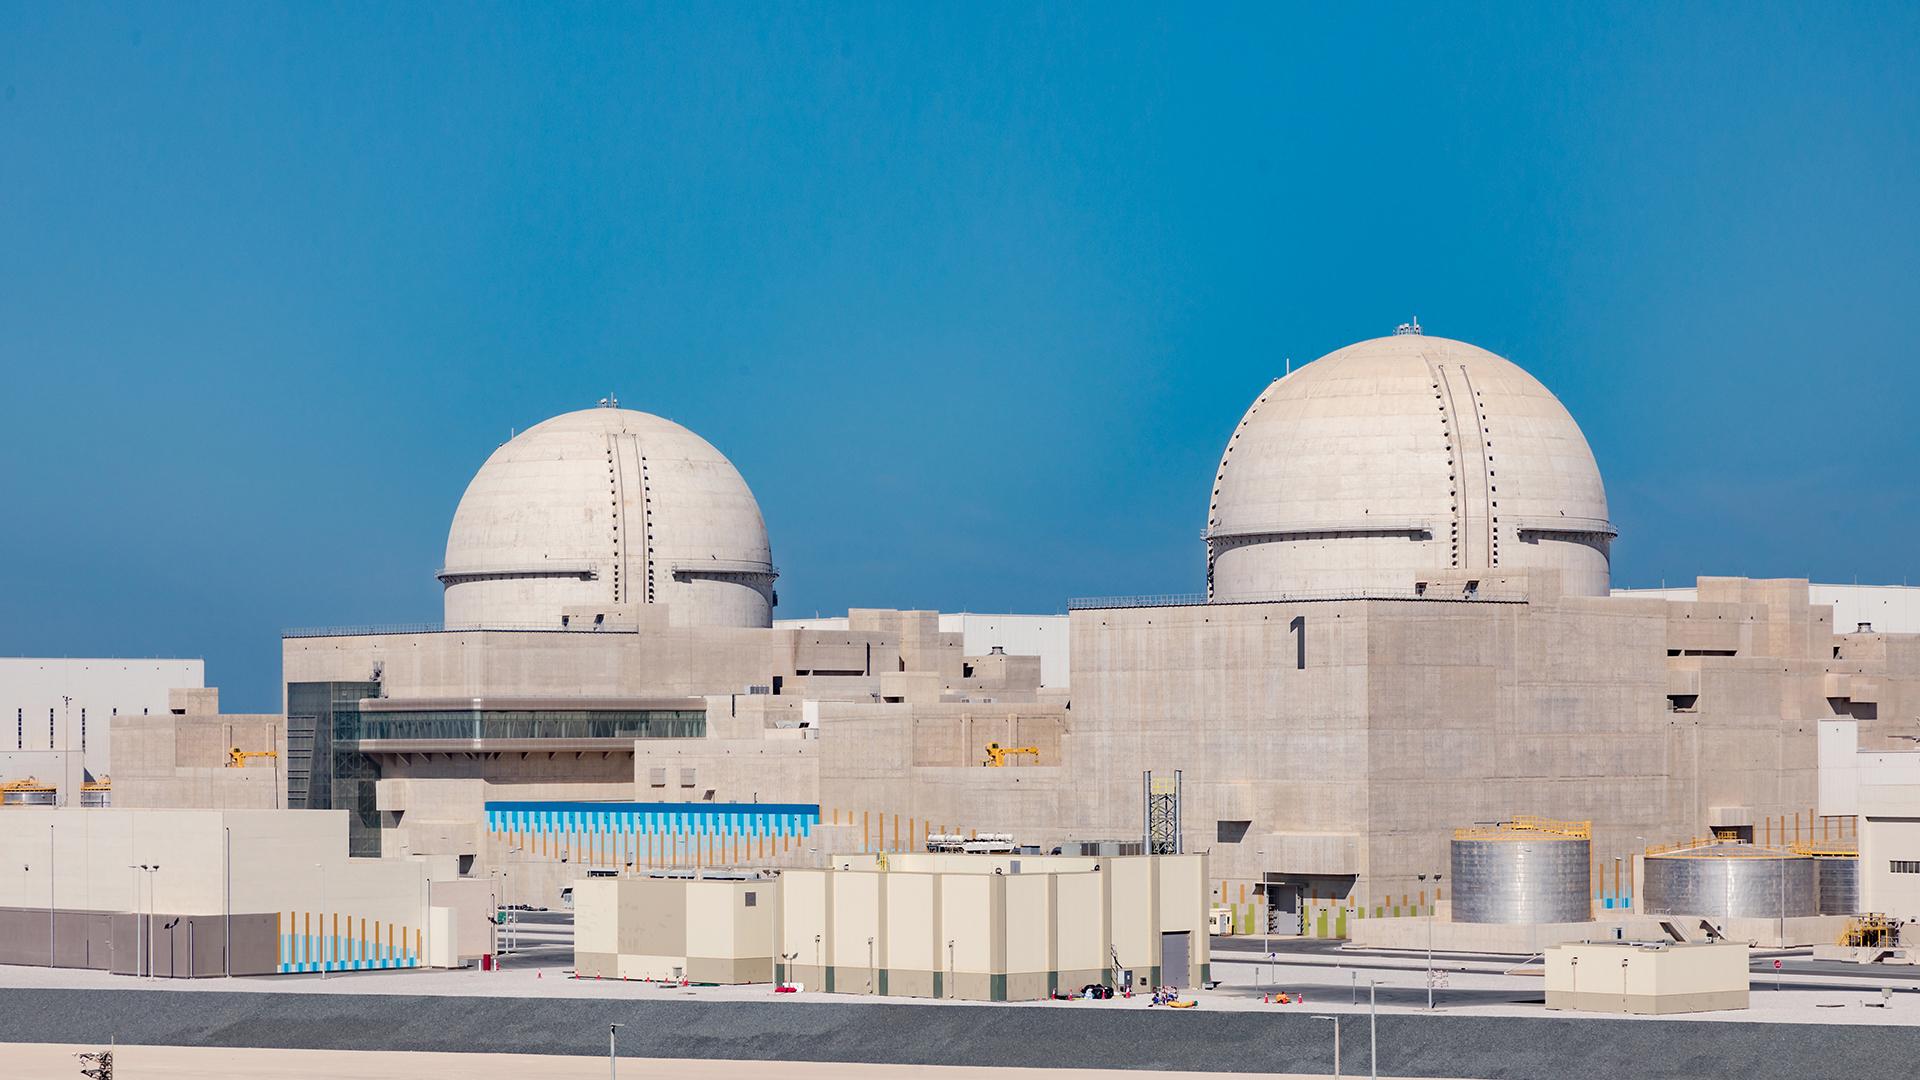 مؤسسة الإمارات للطاقة النووية تعلن بداية التشغيل الآمن لأولى محطات براكة للطاقة النووية السلمية